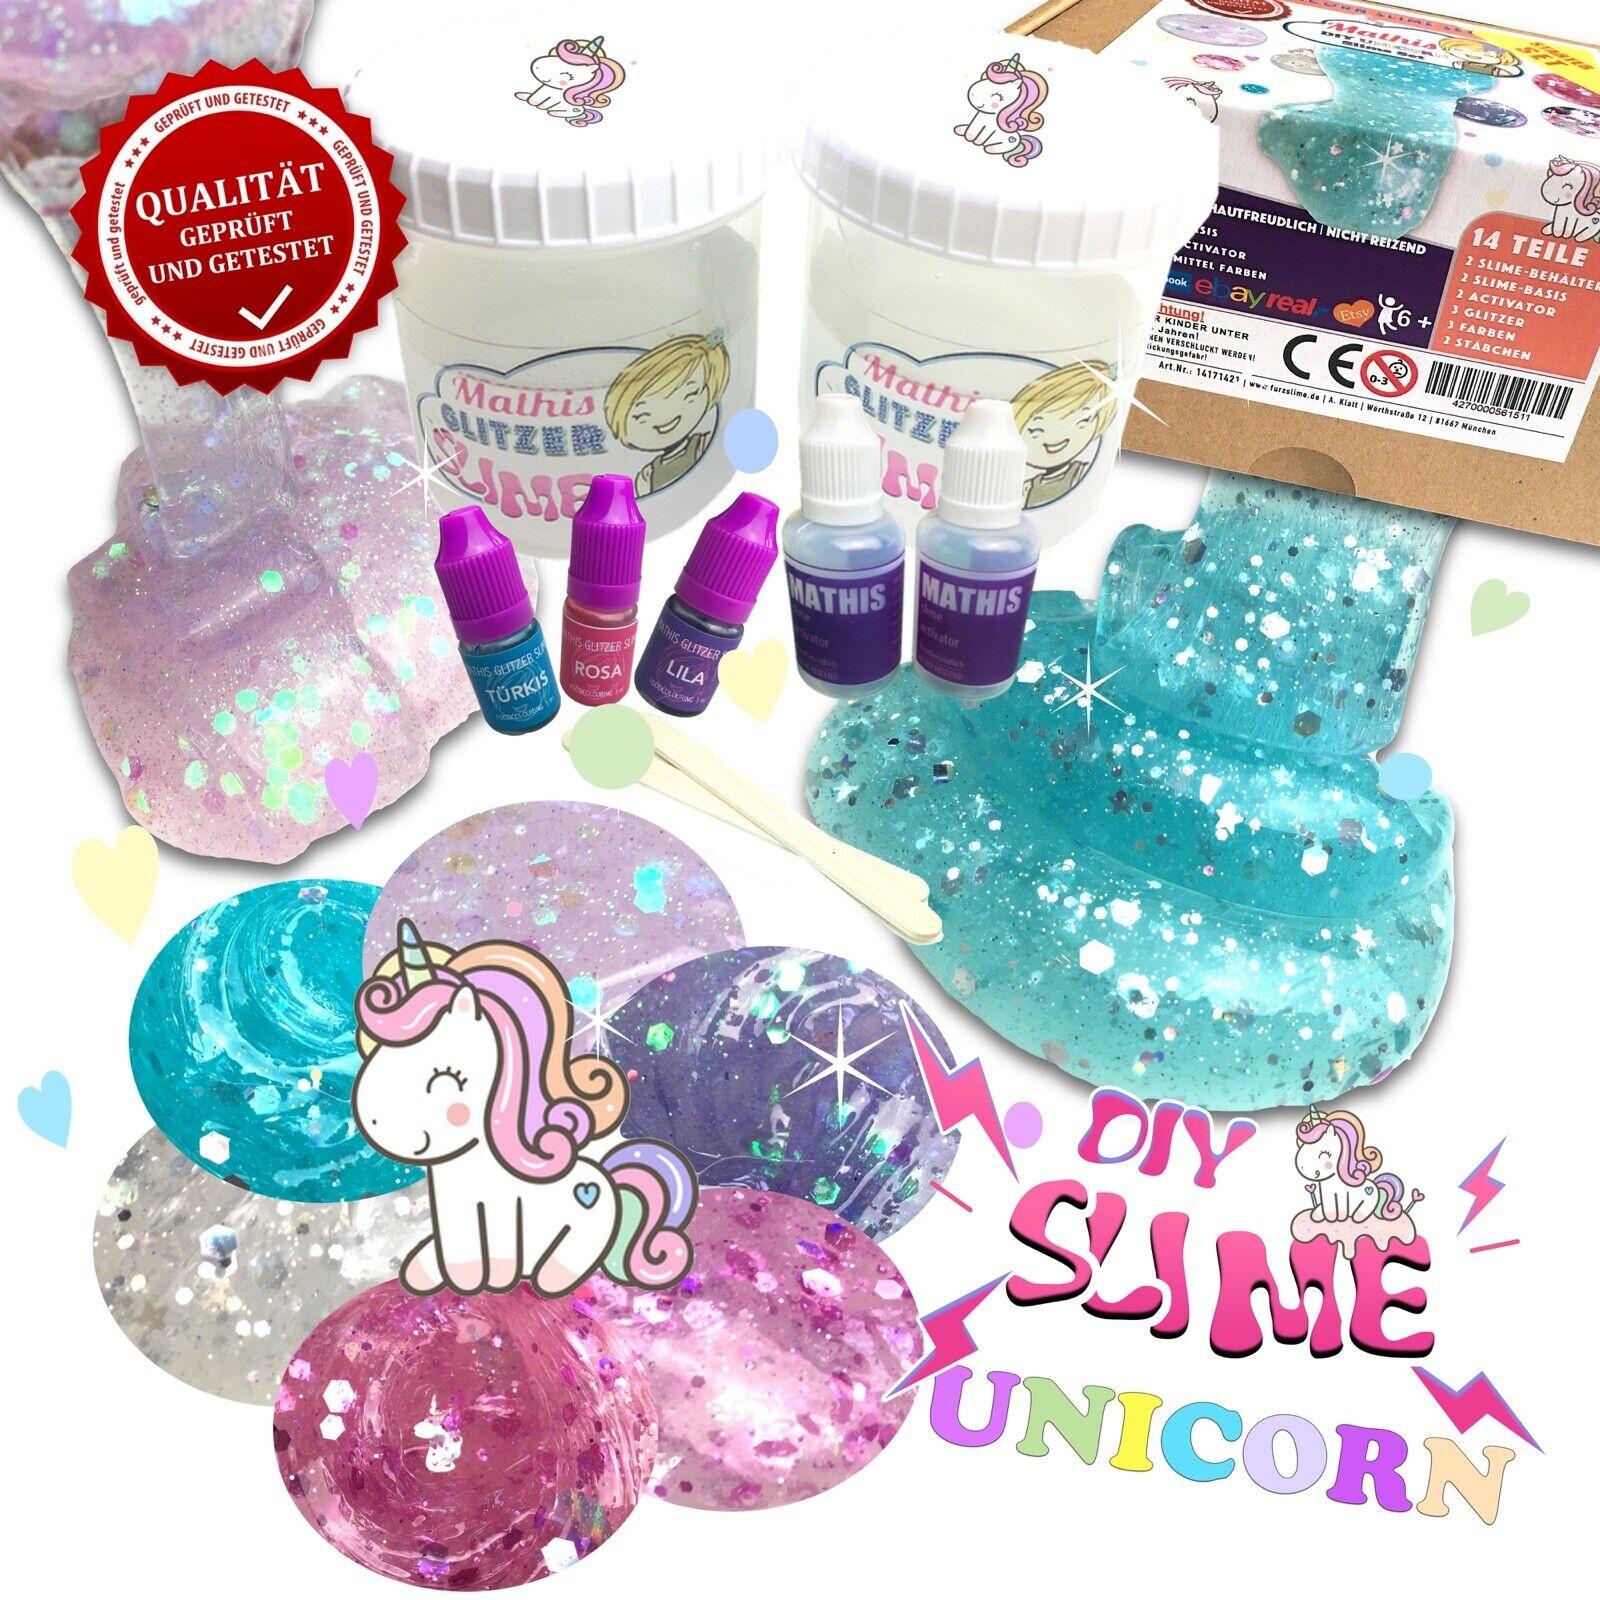 Unicorn Slime Set 🦄💖  Schleim selber machen 💕 Einhorn Schleim Kit für Mädchen